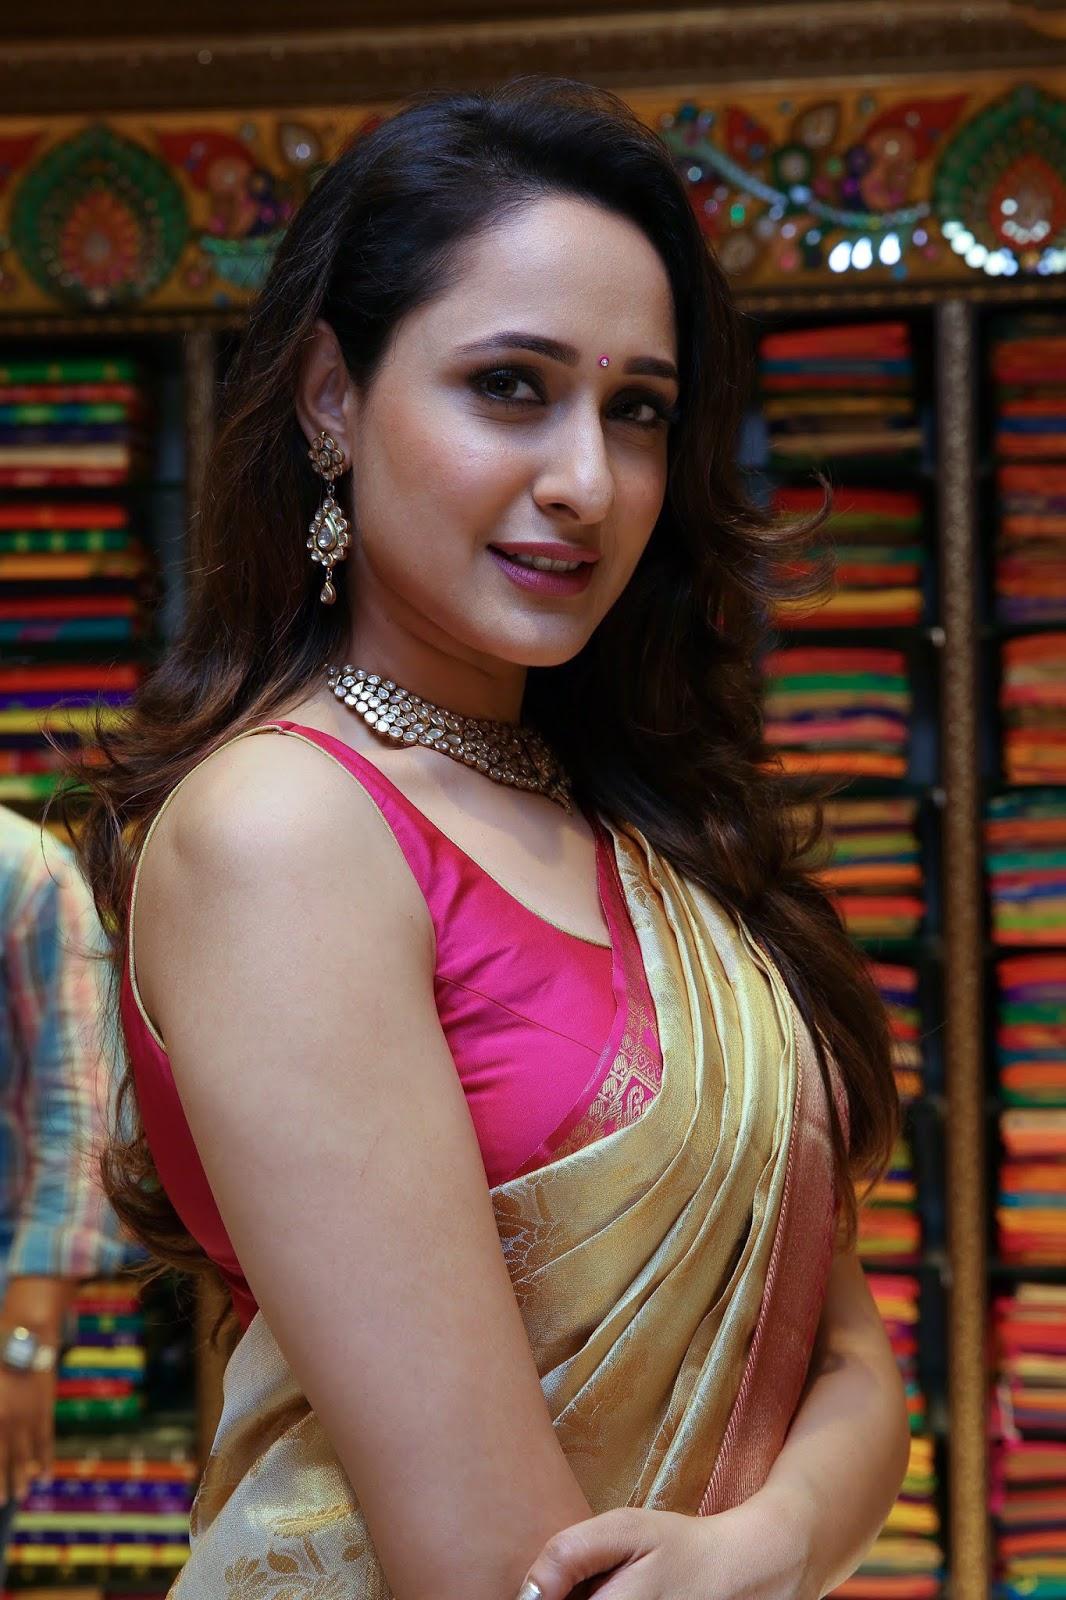 Hd Sexy Film Marathi